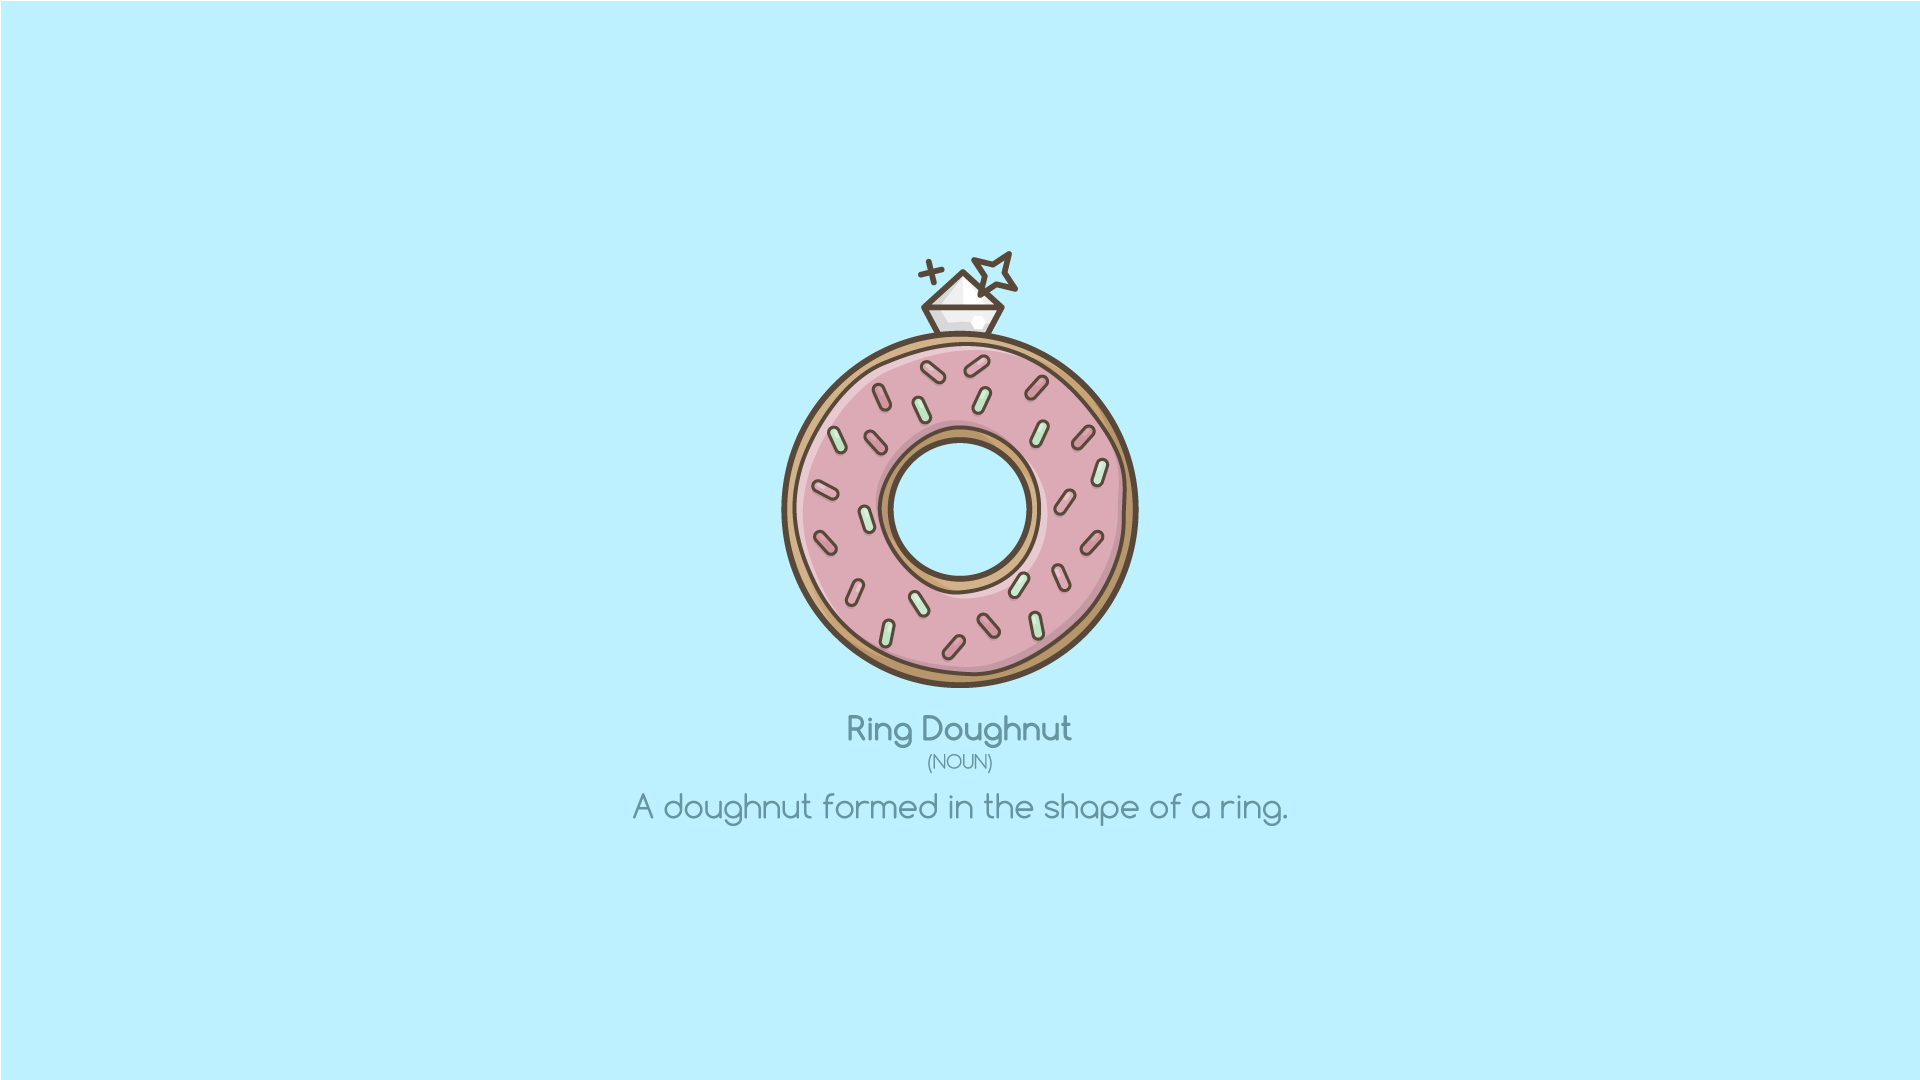 Doughnutring